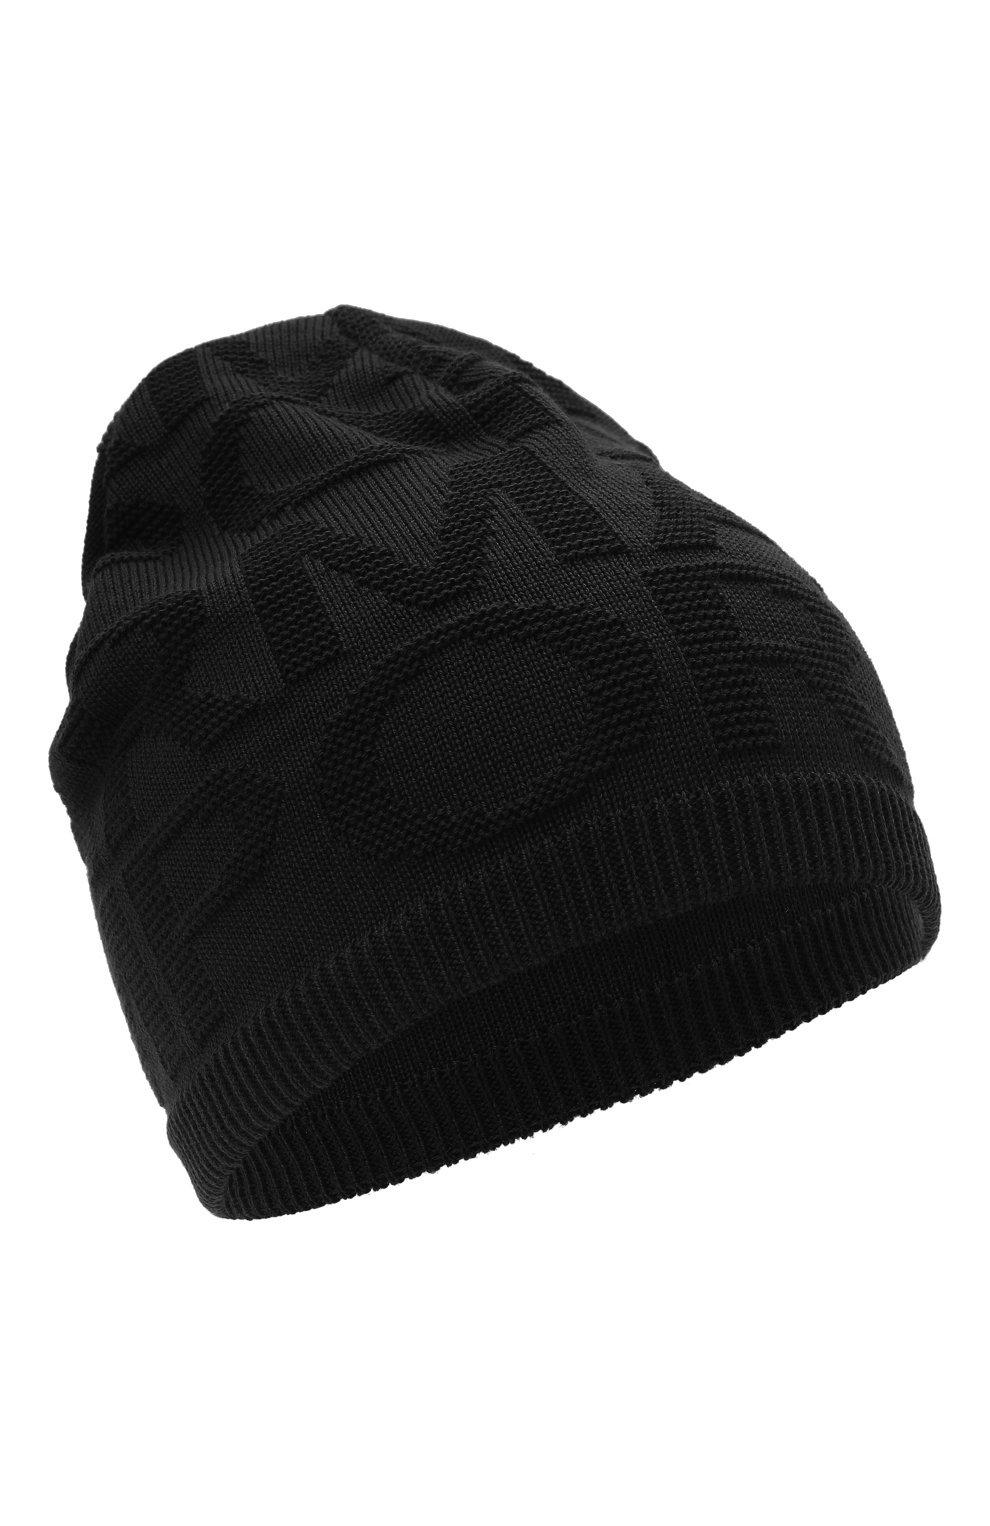 Детский комплект из шапки и шарфа EMPORIO ARMANI черного цвета, арт. 407512/1A762 | Фото 2 (Материал: Текстиль, Шерсть, Синтетический материал)